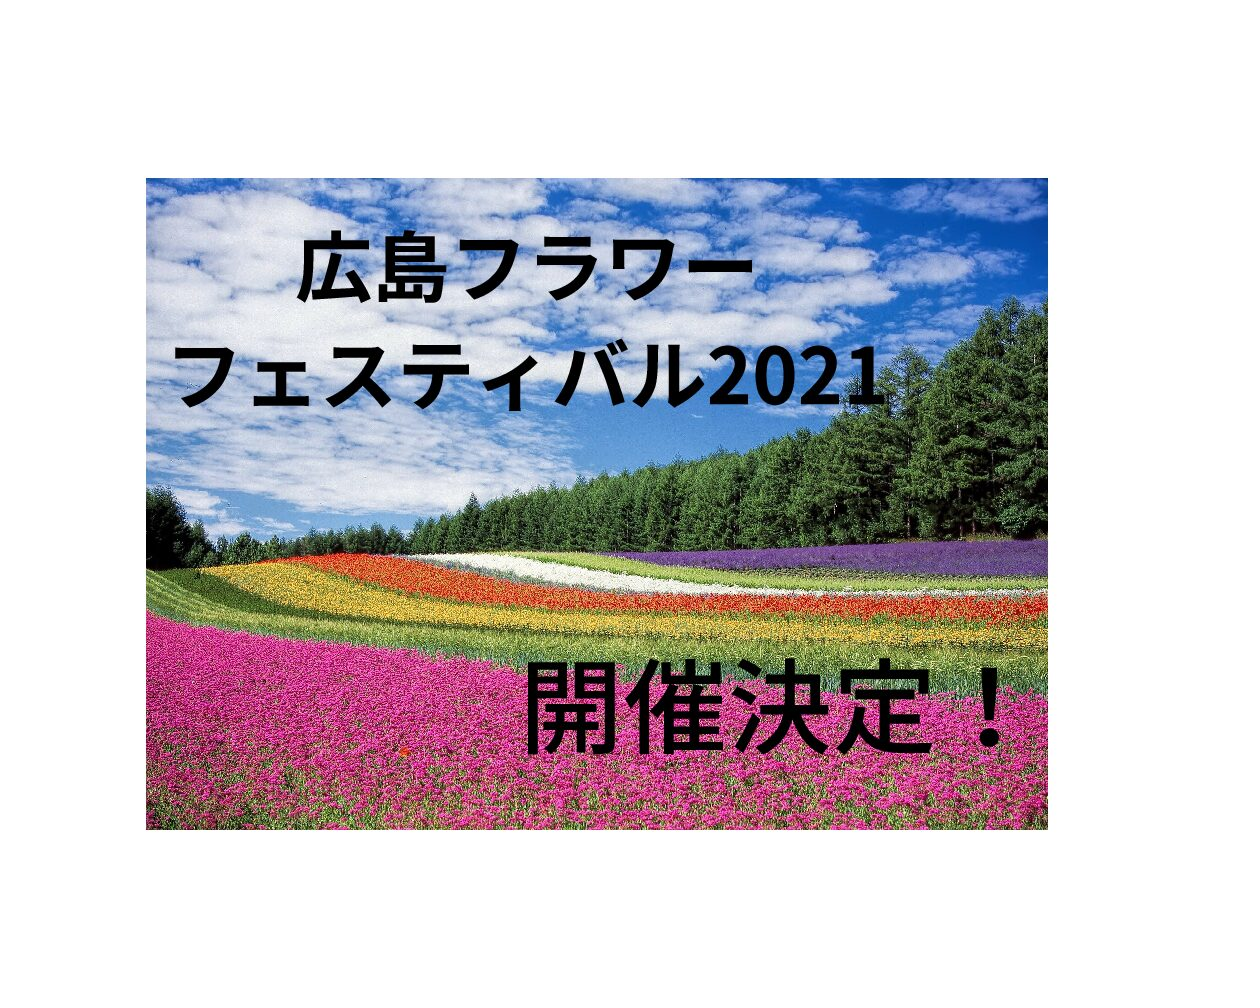 【G.W】広島フラワーフェスティバル2021は規模縮小で開催!日程やイベント内容を詳しくご紹介!